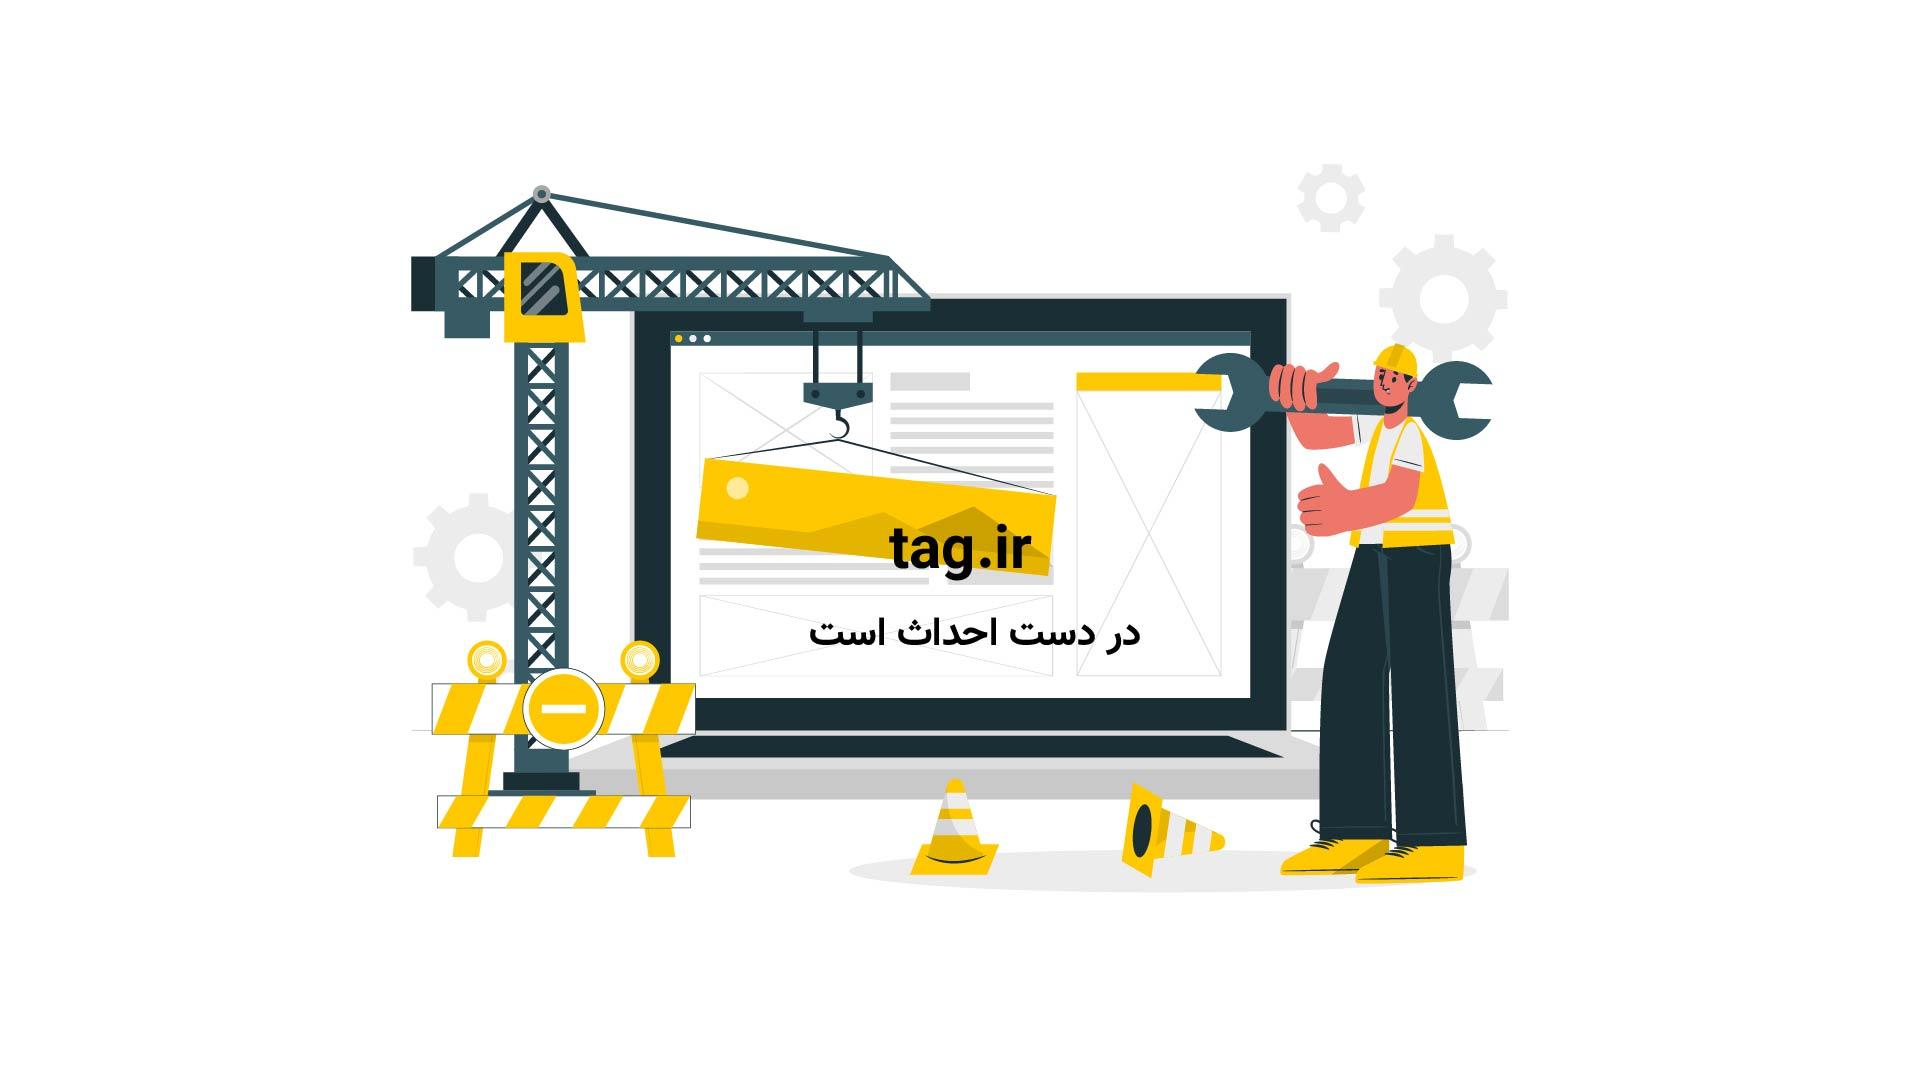 شناخت خاک و گلدان مناسب برای کاشت سبزیجات در منزل   فیلم